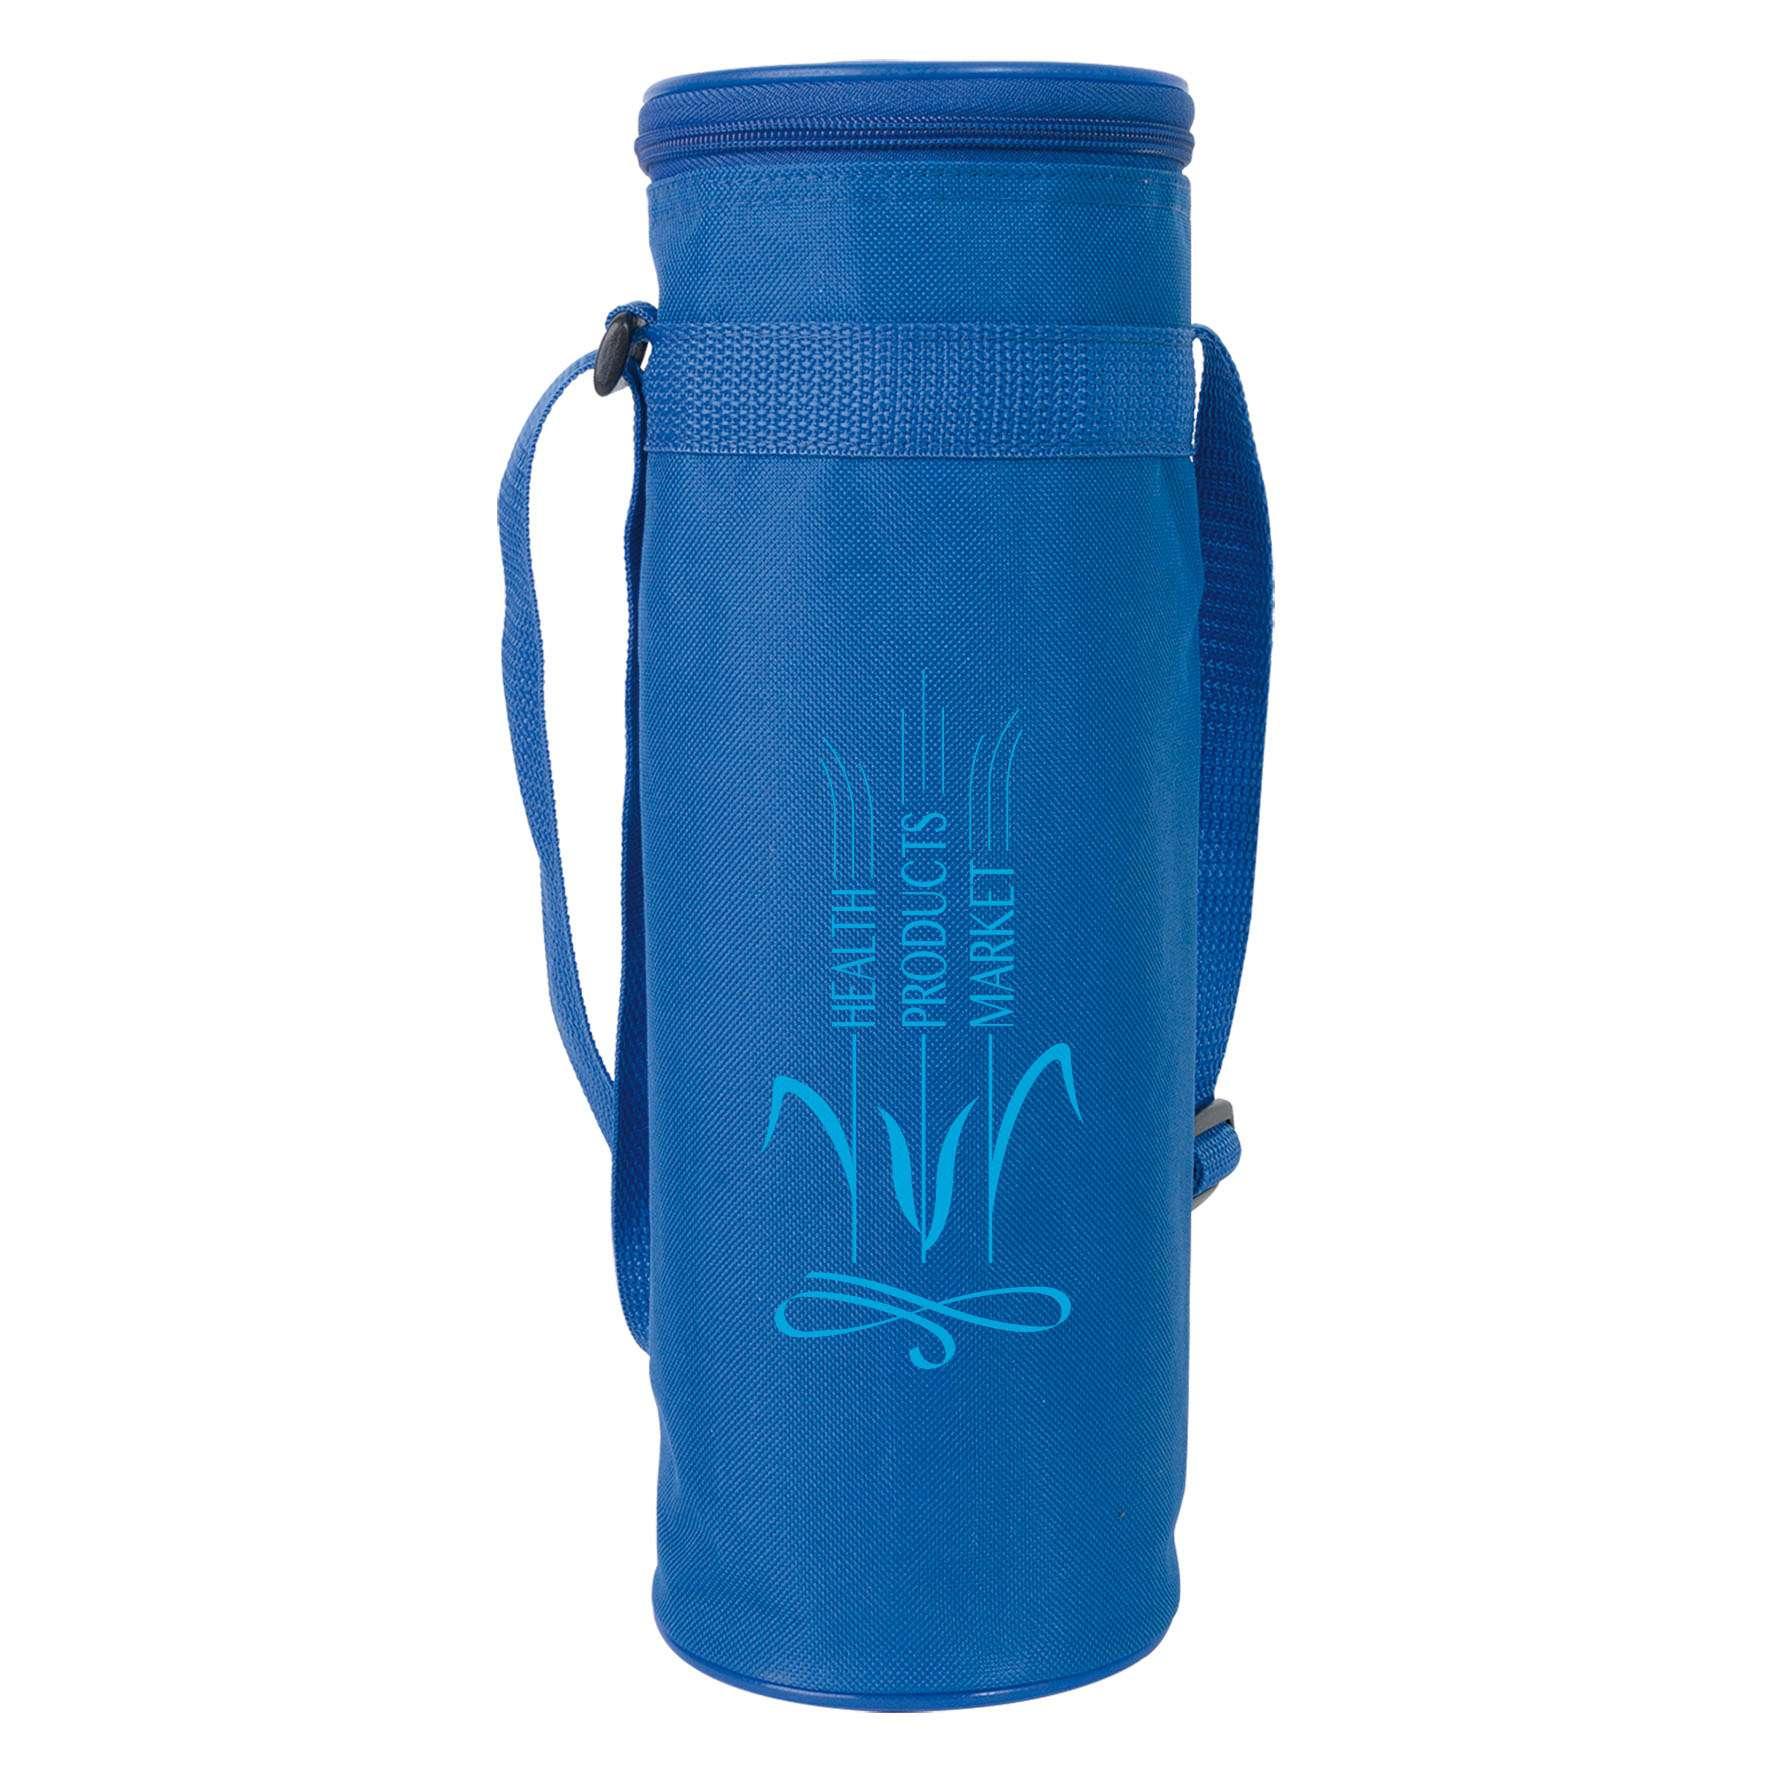 Cadeau promotionnel - Sac isotherme pour bouteille 1,5 l - bleu